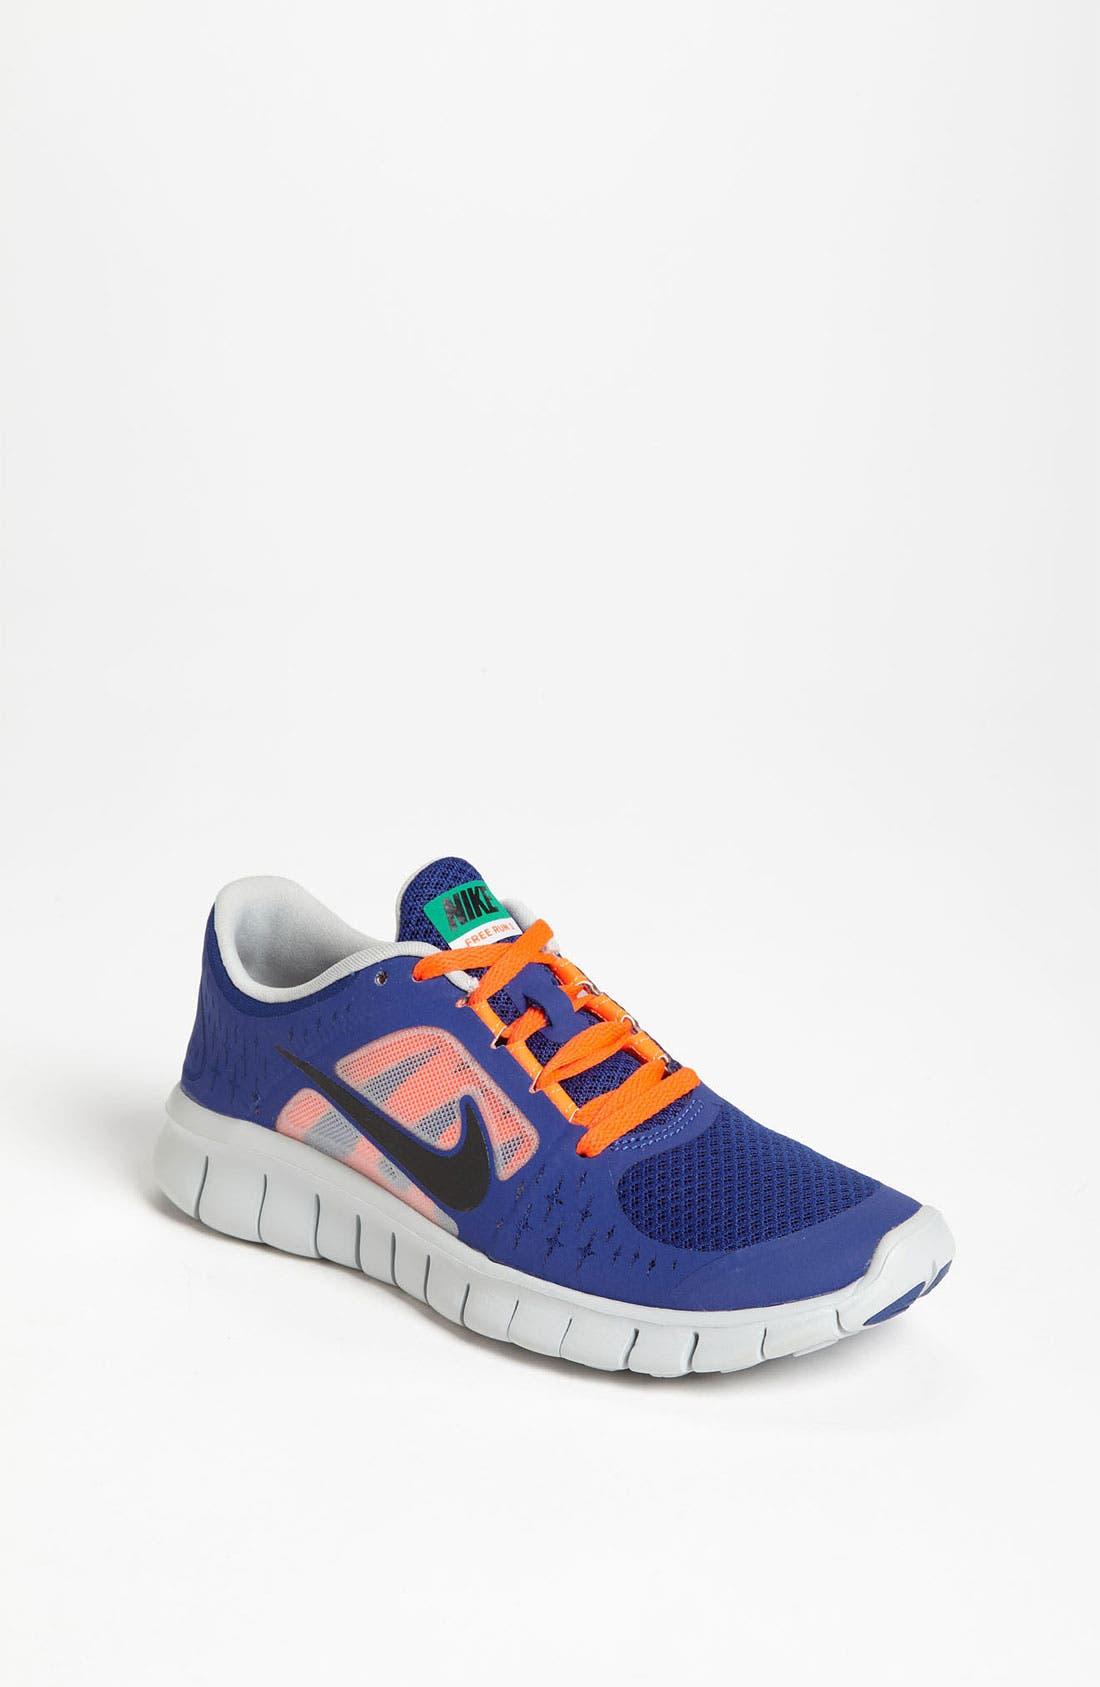 Alternate Image 1 Selected - Nike 'Free Run 3' Running Shoe (Big Kid)